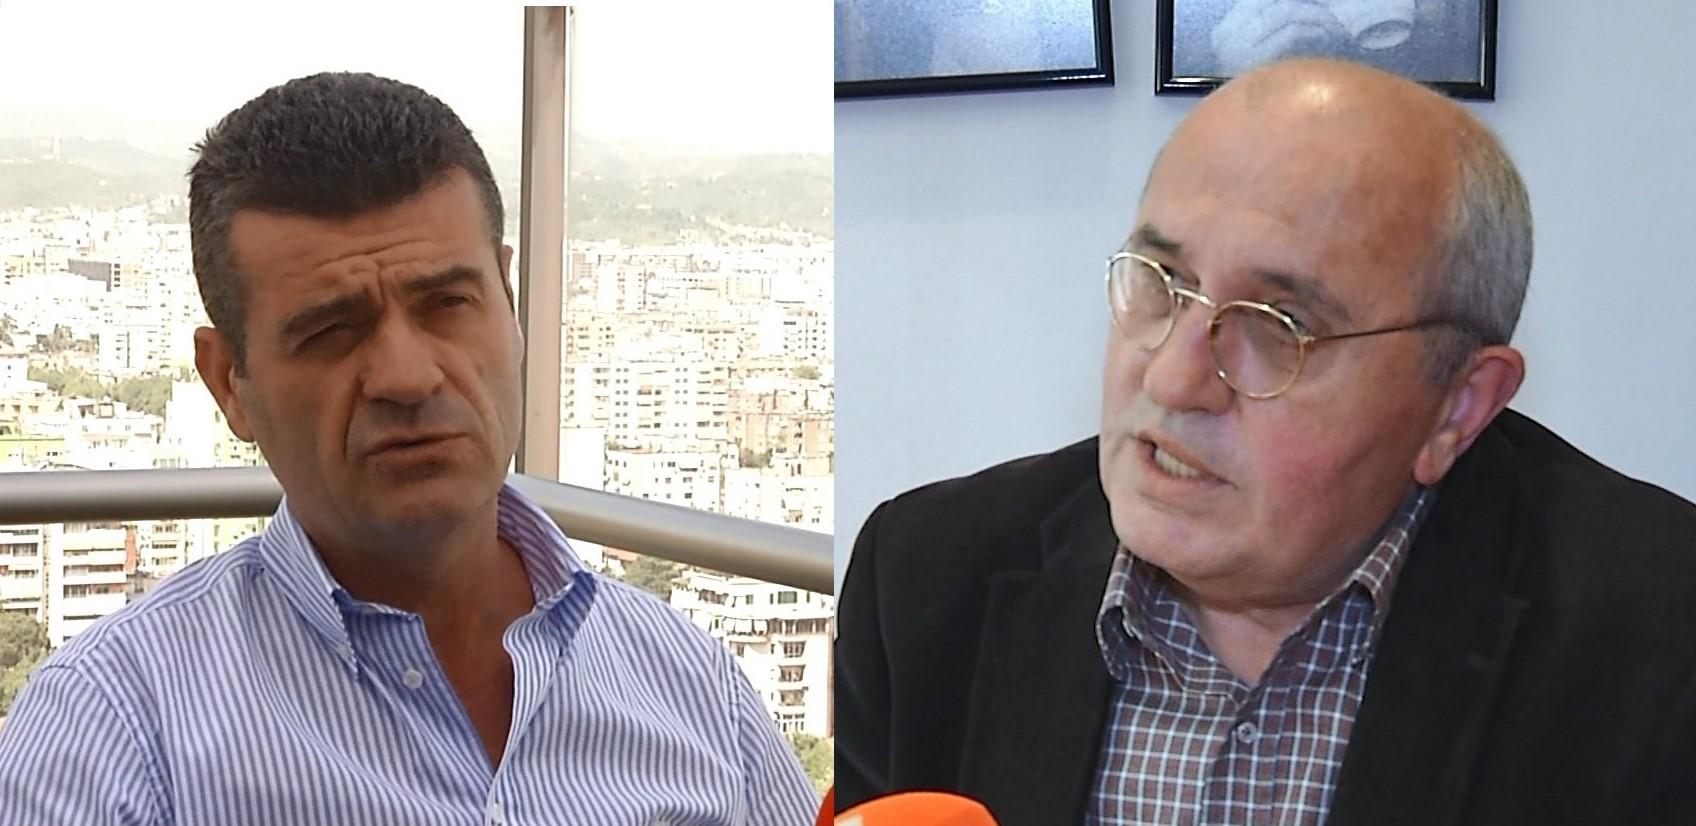 Statuti i PD/Mustafaj e Patozi: Me Bashën, nga humbja në humbje